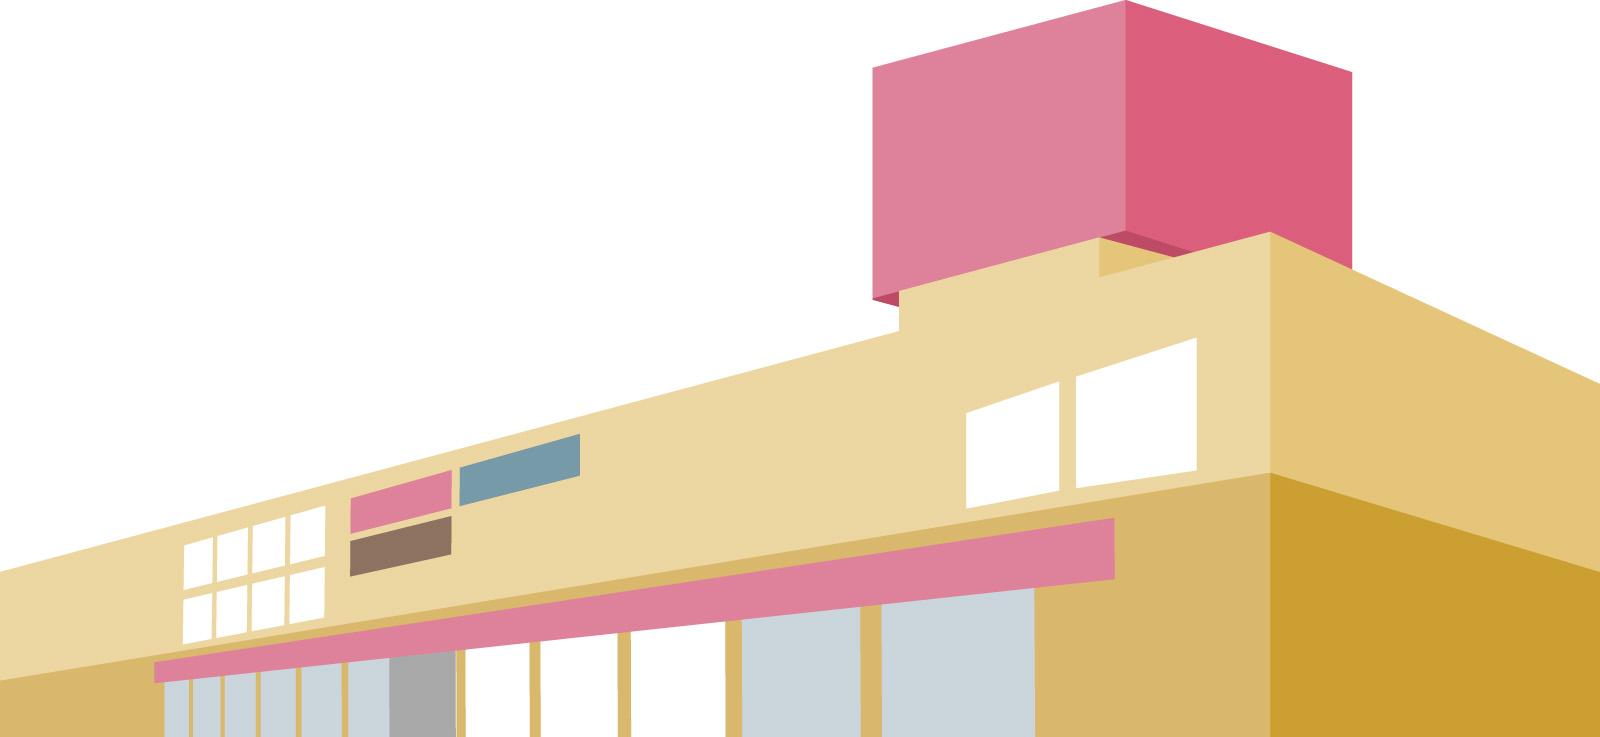 素材 ショッピングモール 買い物 建物